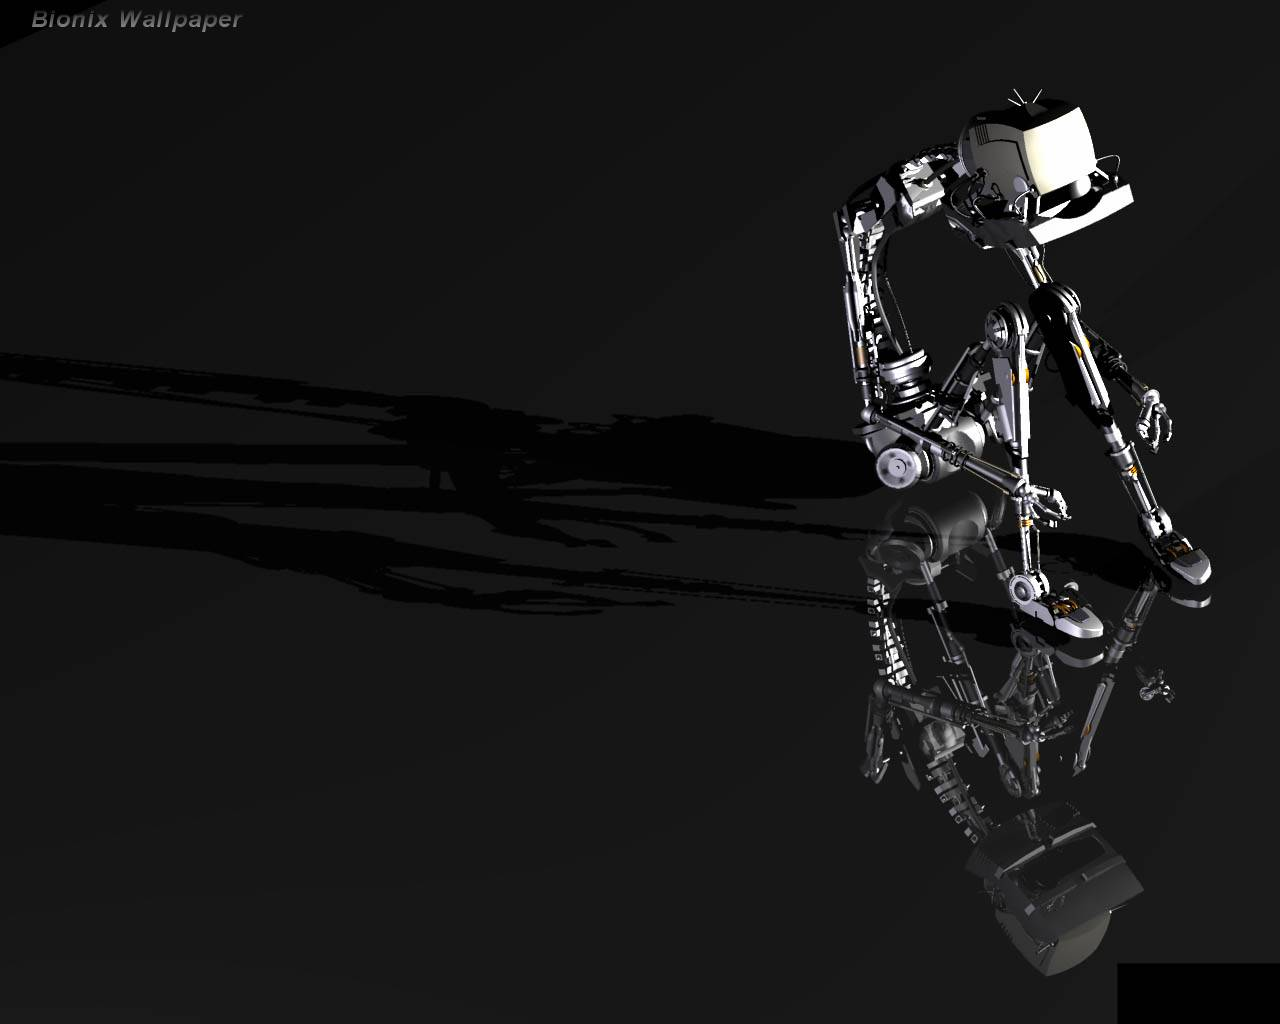 Robot wallpaper hd wallpaperswidescreen desktop backgrounds 1280x1024